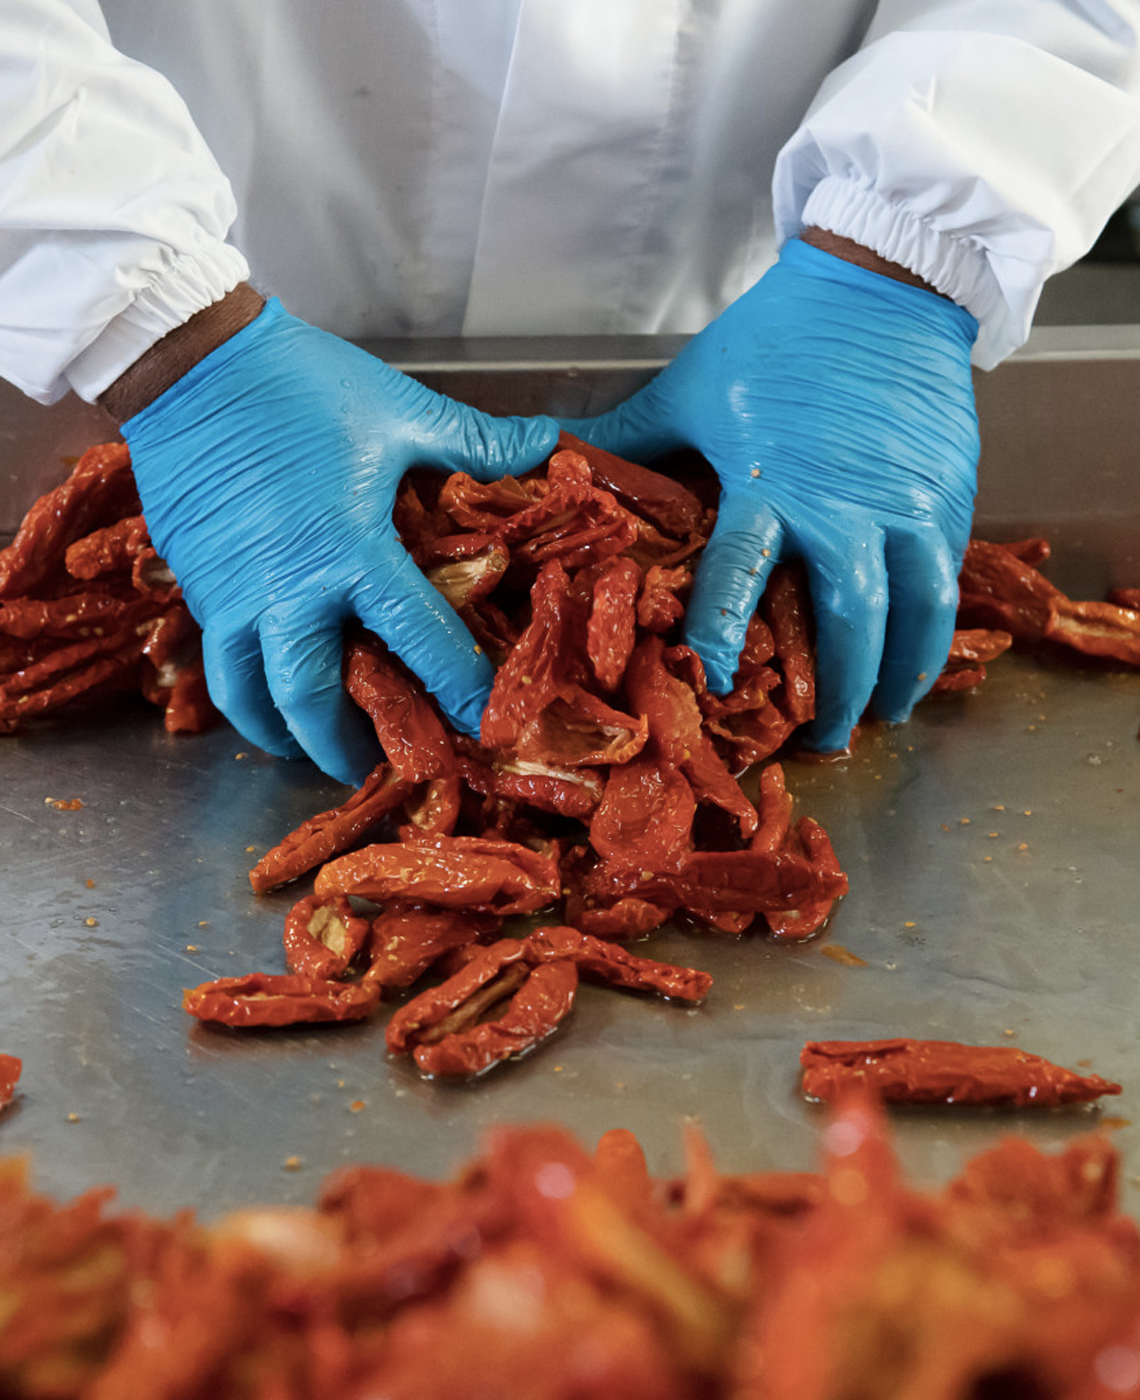 pomodori-secchi-di-puglia-antica-enotria-vini-e-conserve-biologiche-di-puglia